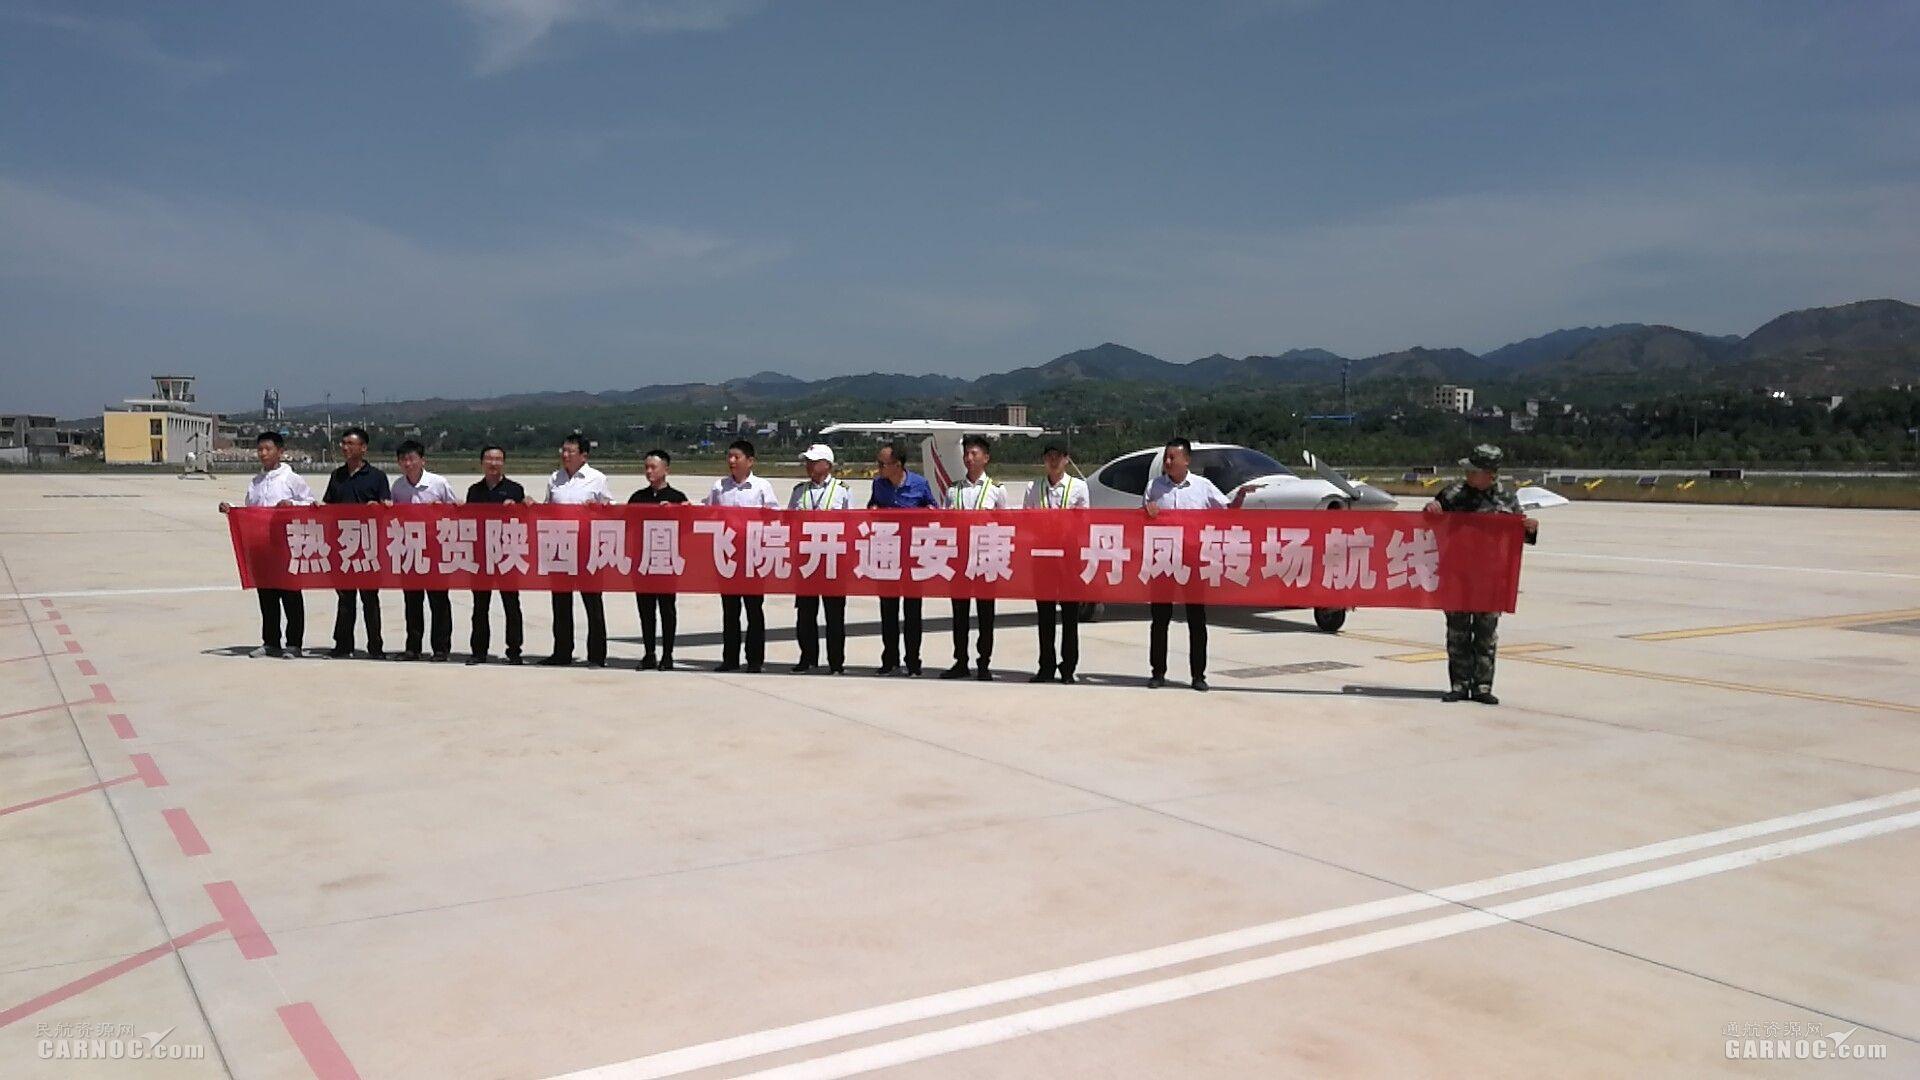 丹鳳機場保障鳳凰飛院安康-丹鳳轉場飛行活動